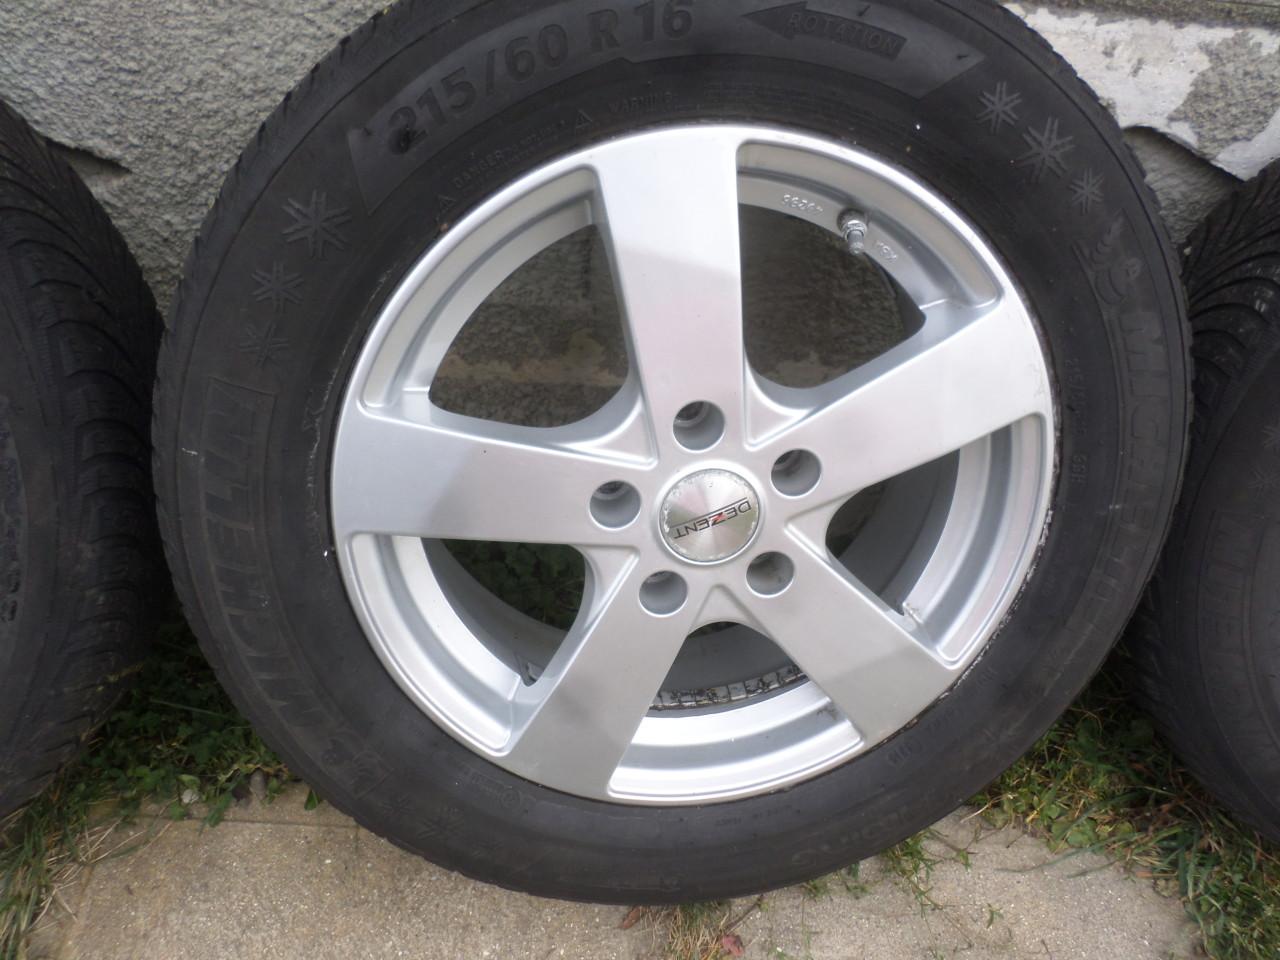 Jante Dezent (5X115) Opel Astra J 16 zoll+ SENZORI